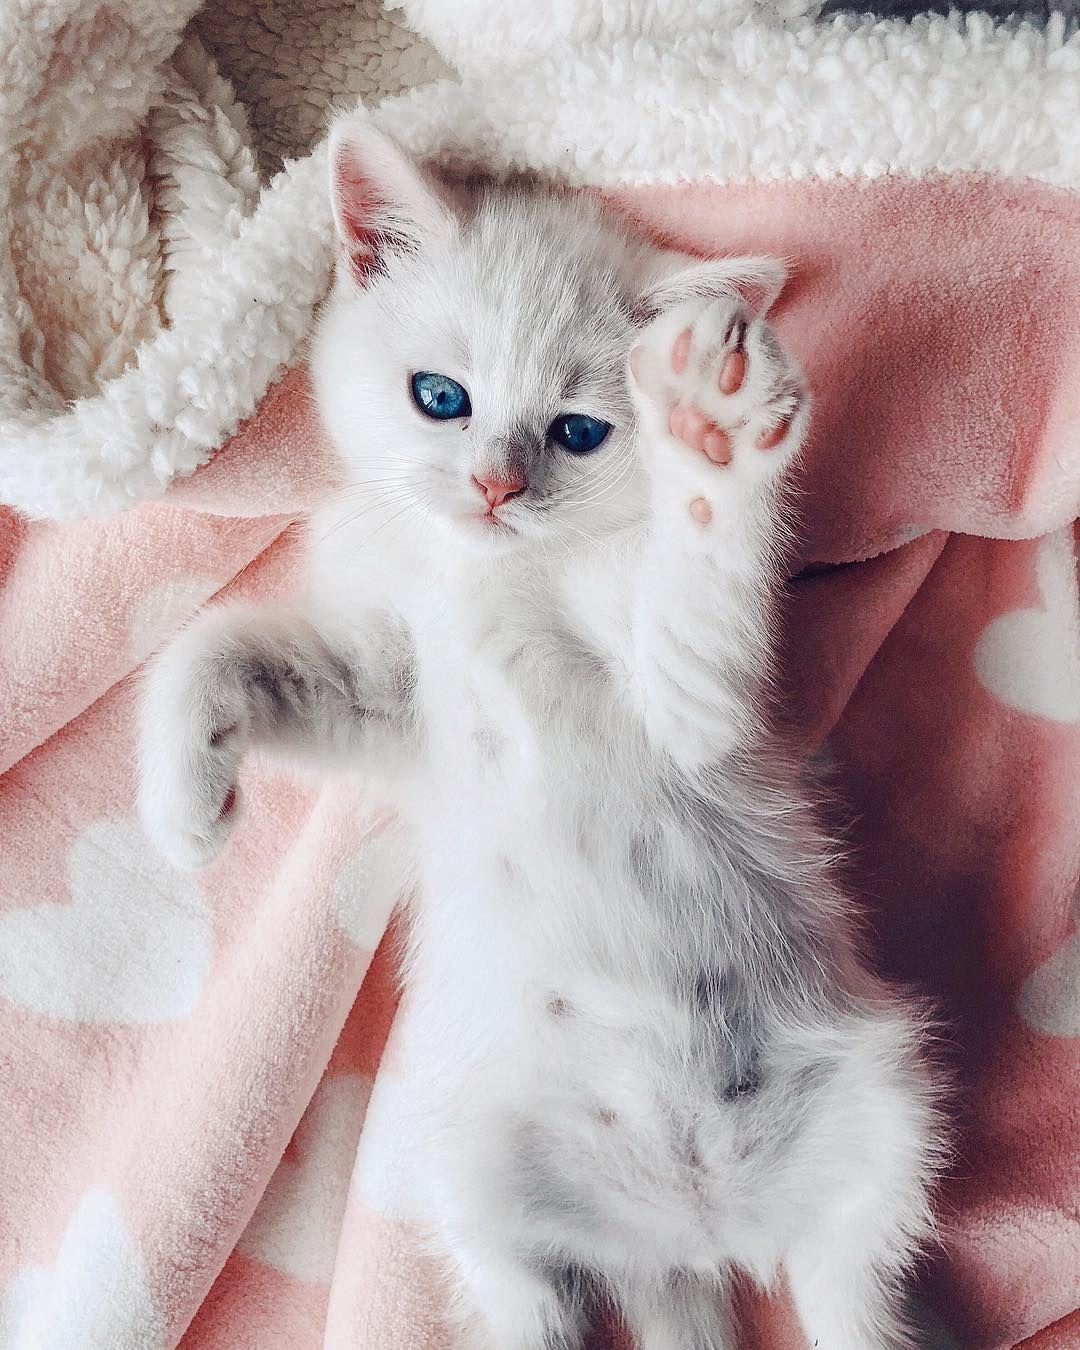 Such An Beautiful Angel Kitten Kittens Cutest Baby Cats Cute Animals